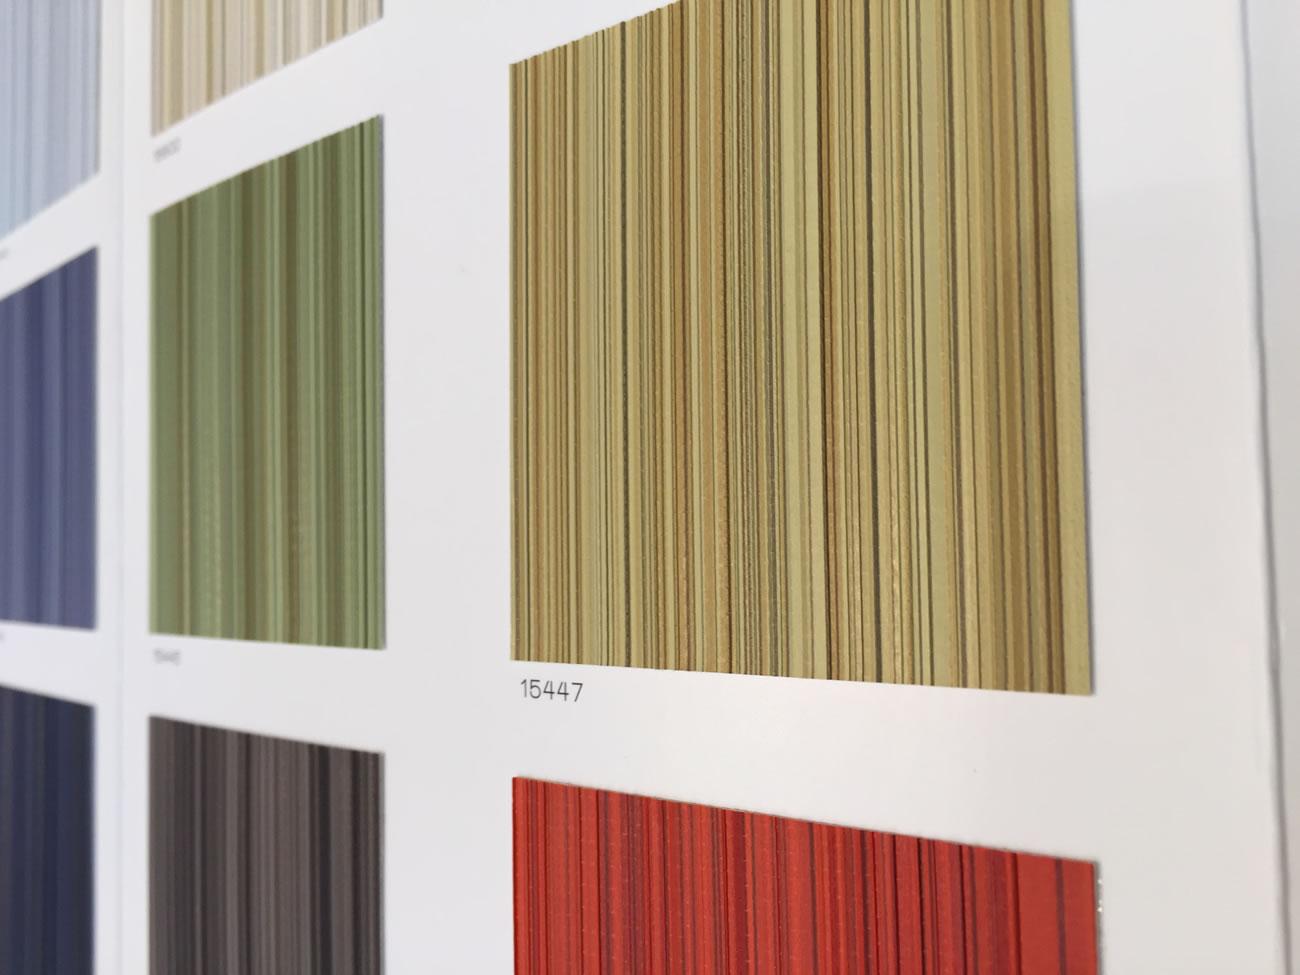 Papel vinilico dise o y calidad para nuestro proyecto en - Papel vinilico pared ...